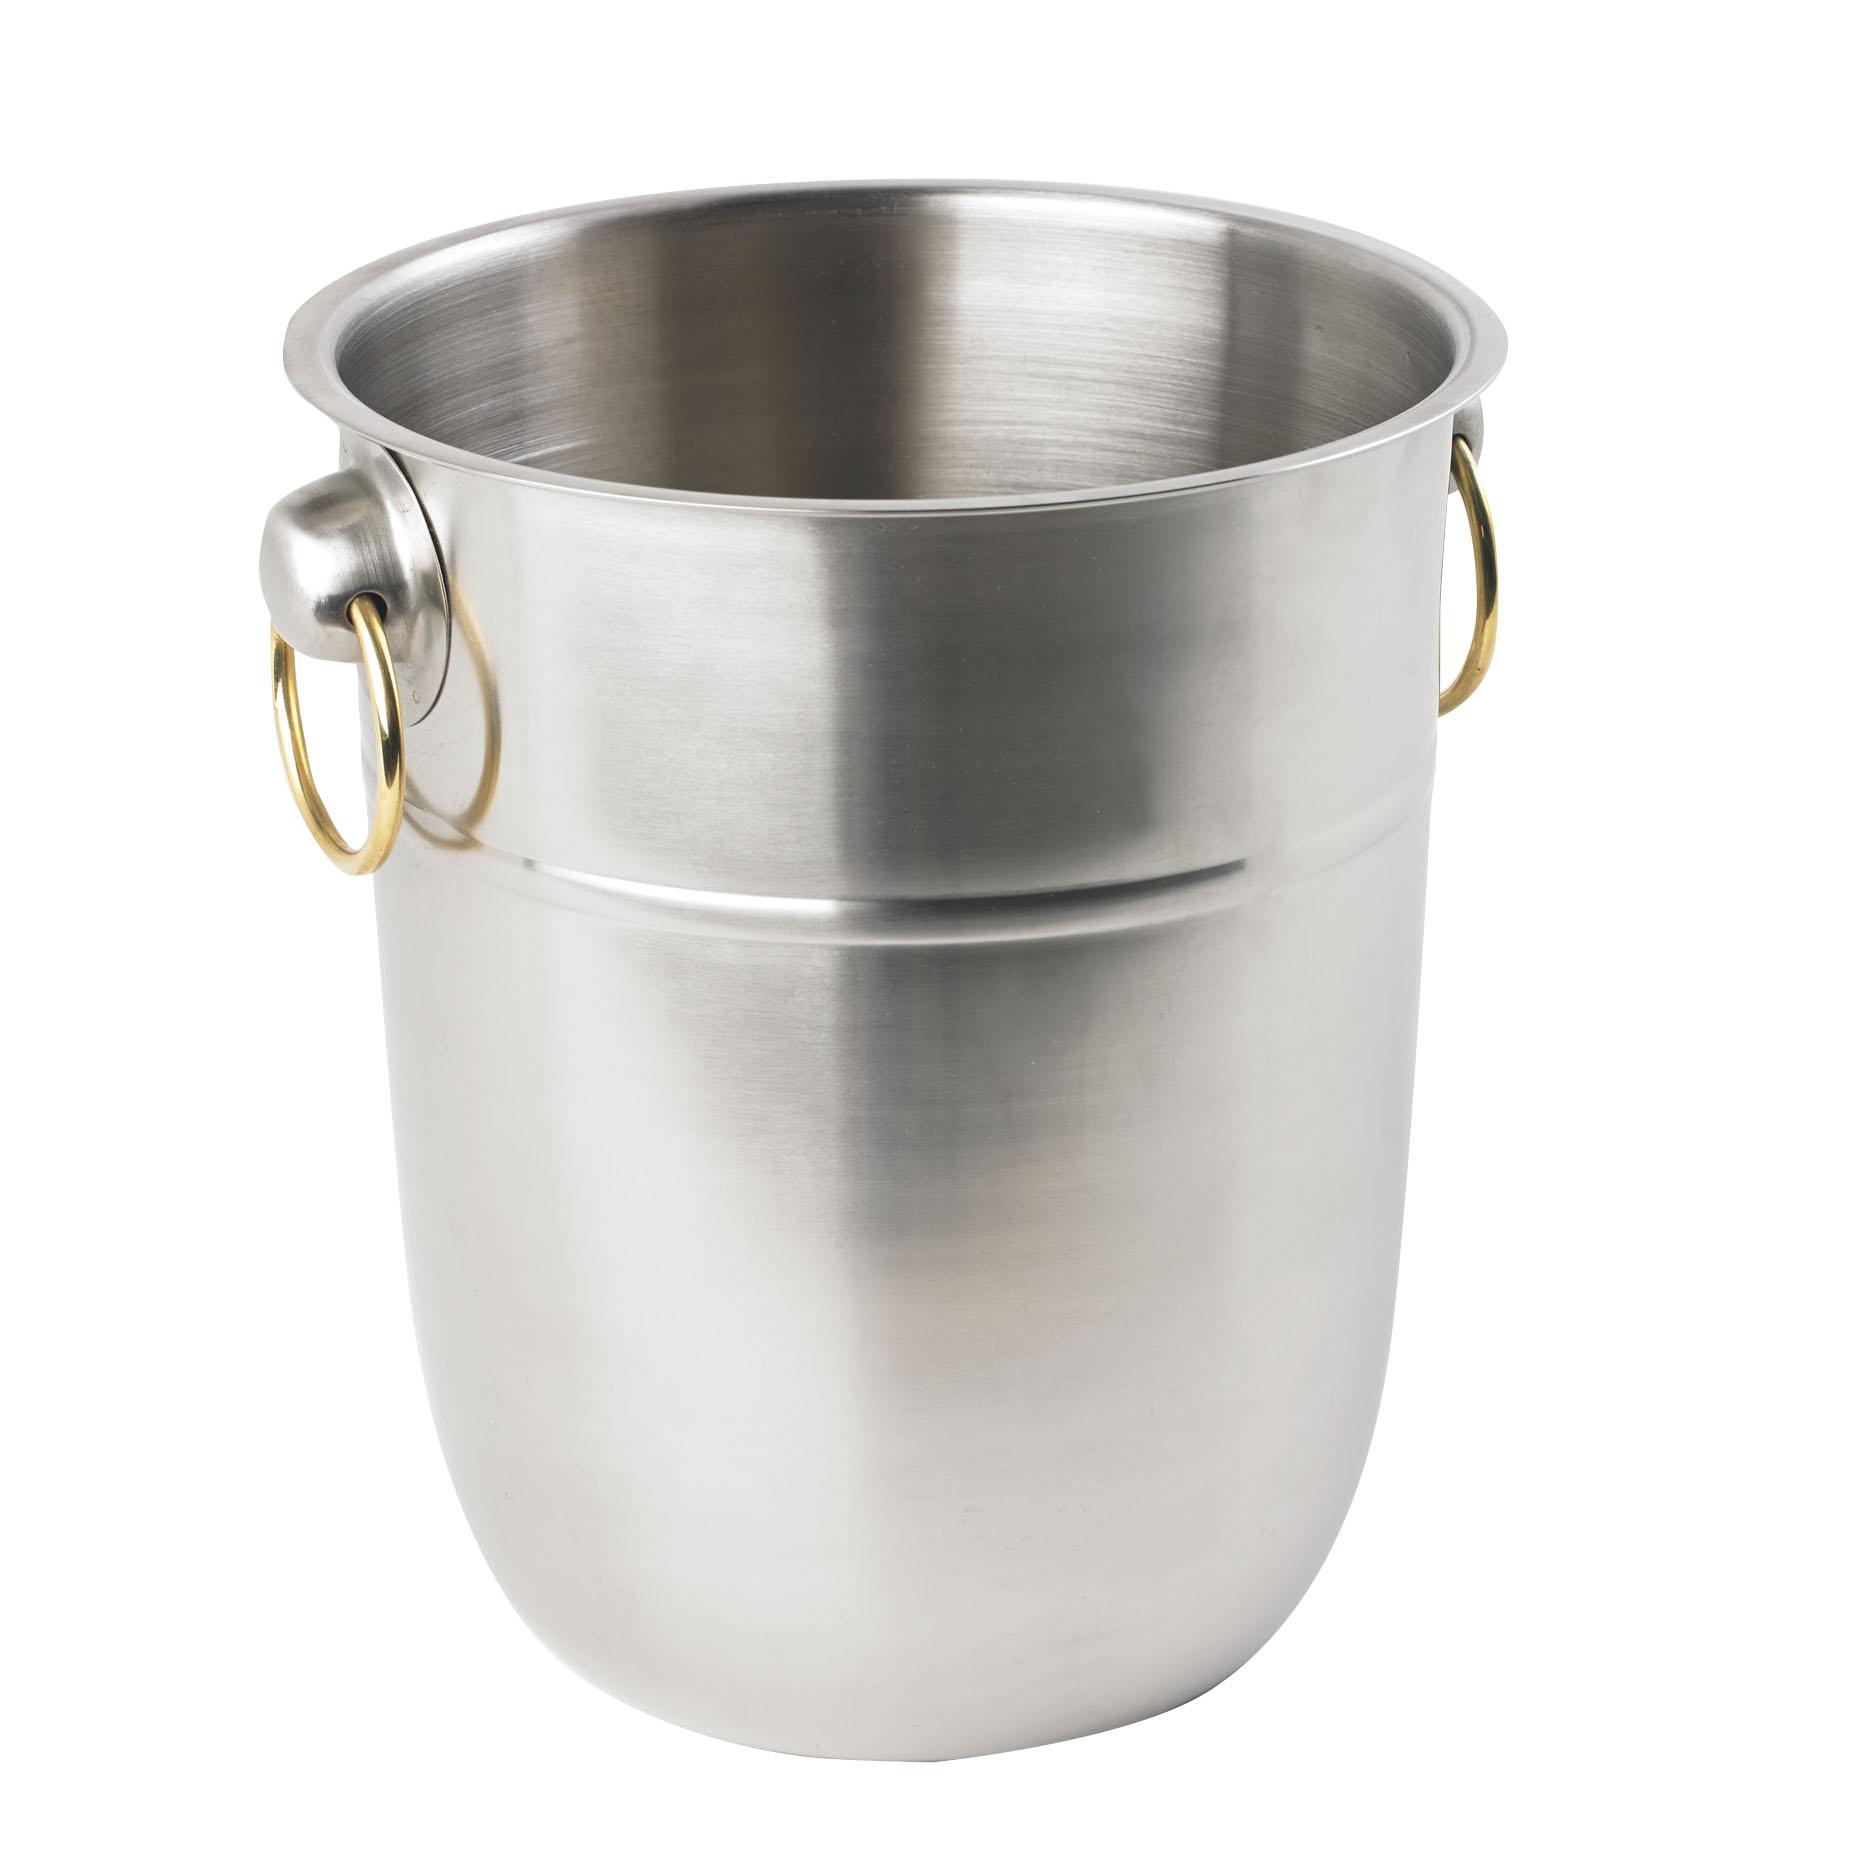 Vollrath 46801 wine bucket / cooler